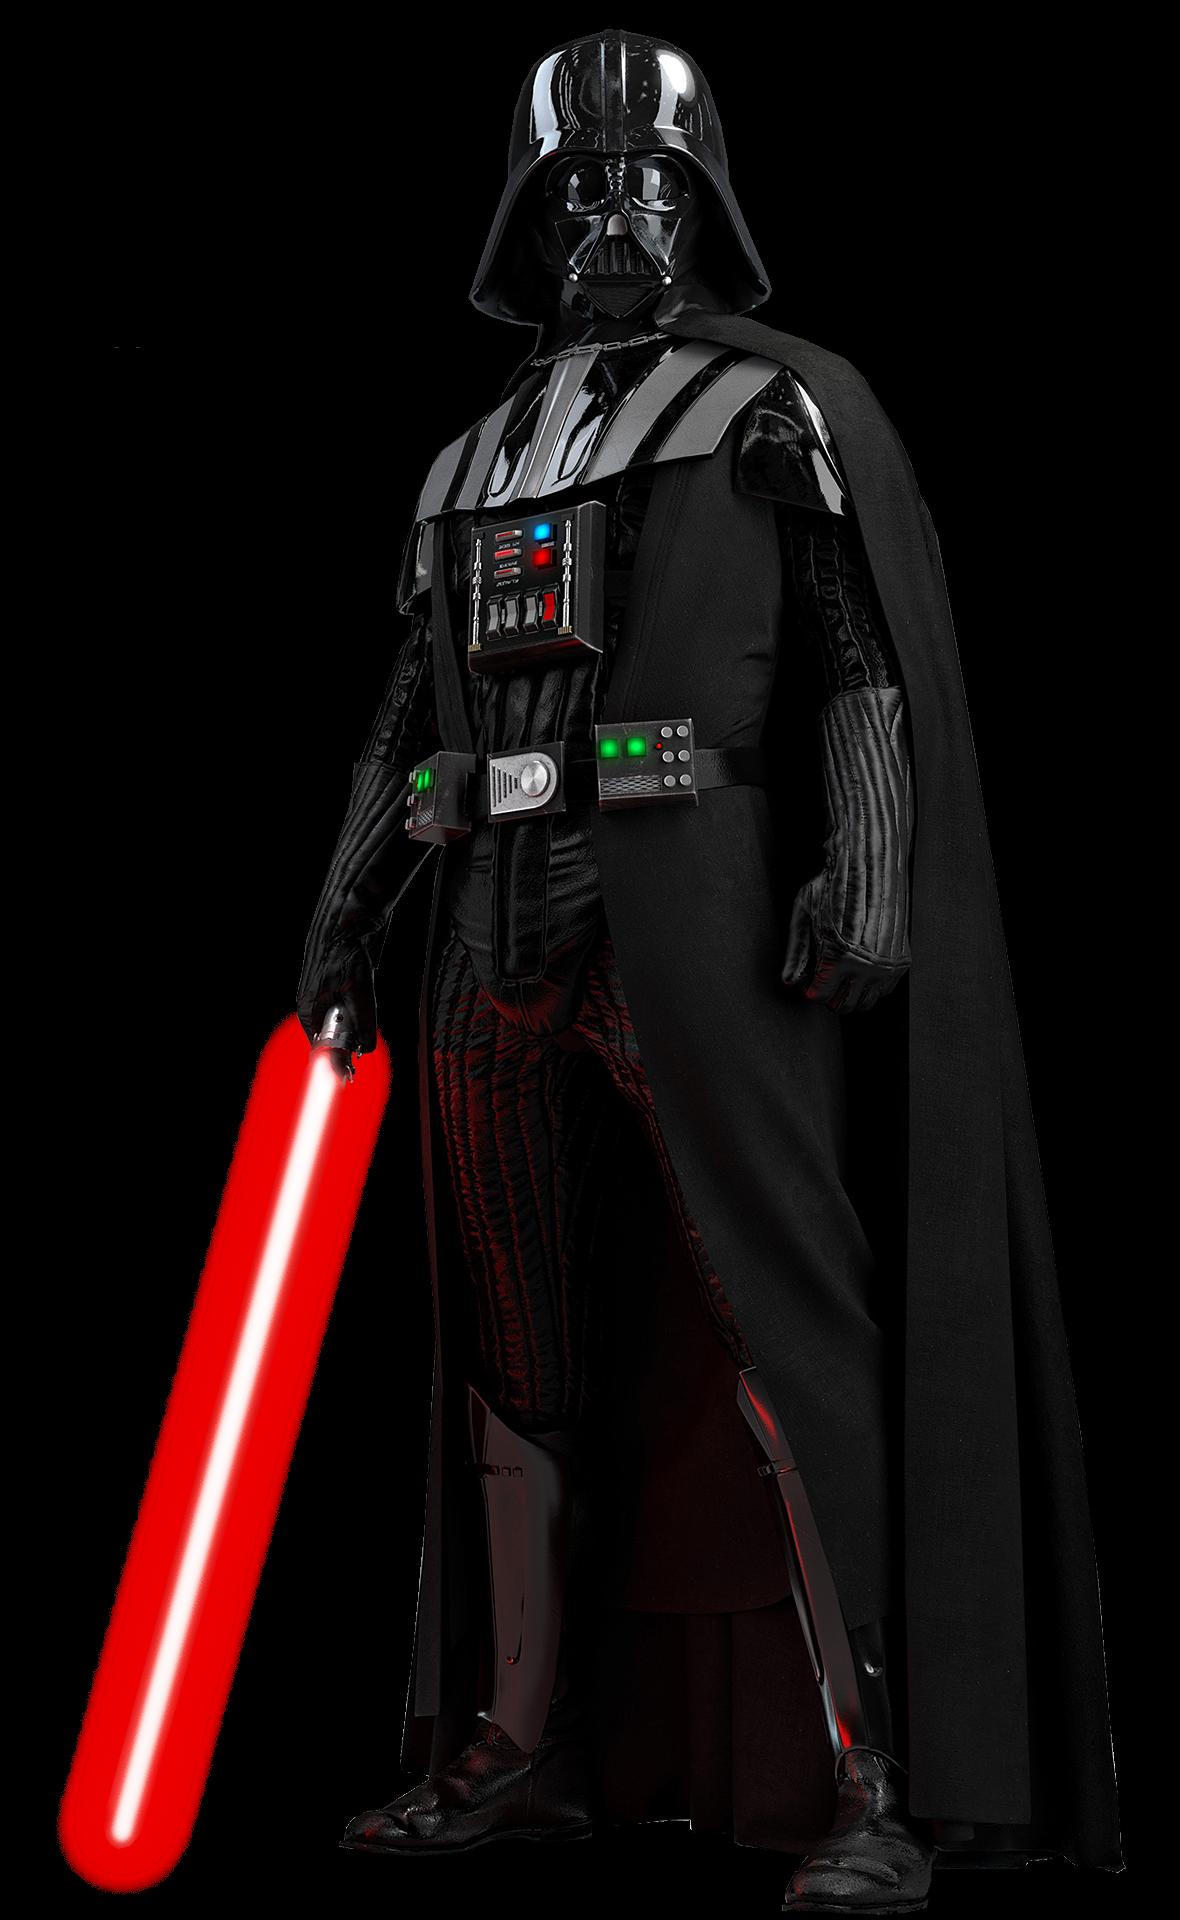 Darth Vader Darth Vader Star Wars Personagens Imagens Star Wars